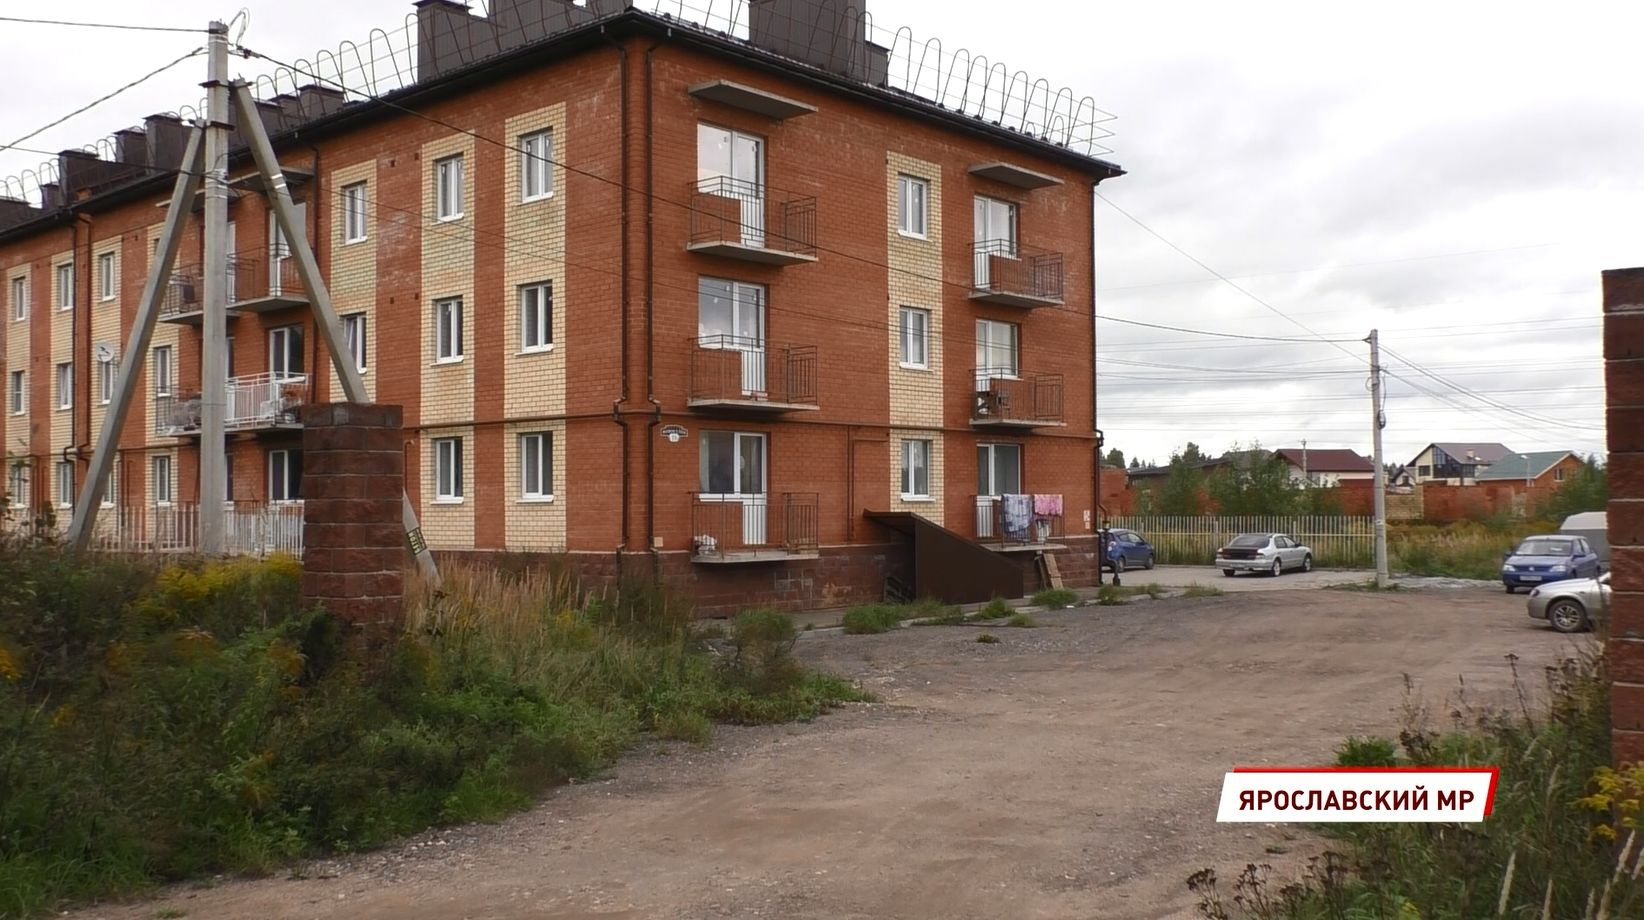 В поселке Заволжье Ярославского района готовятся к новоселью дети-сироты